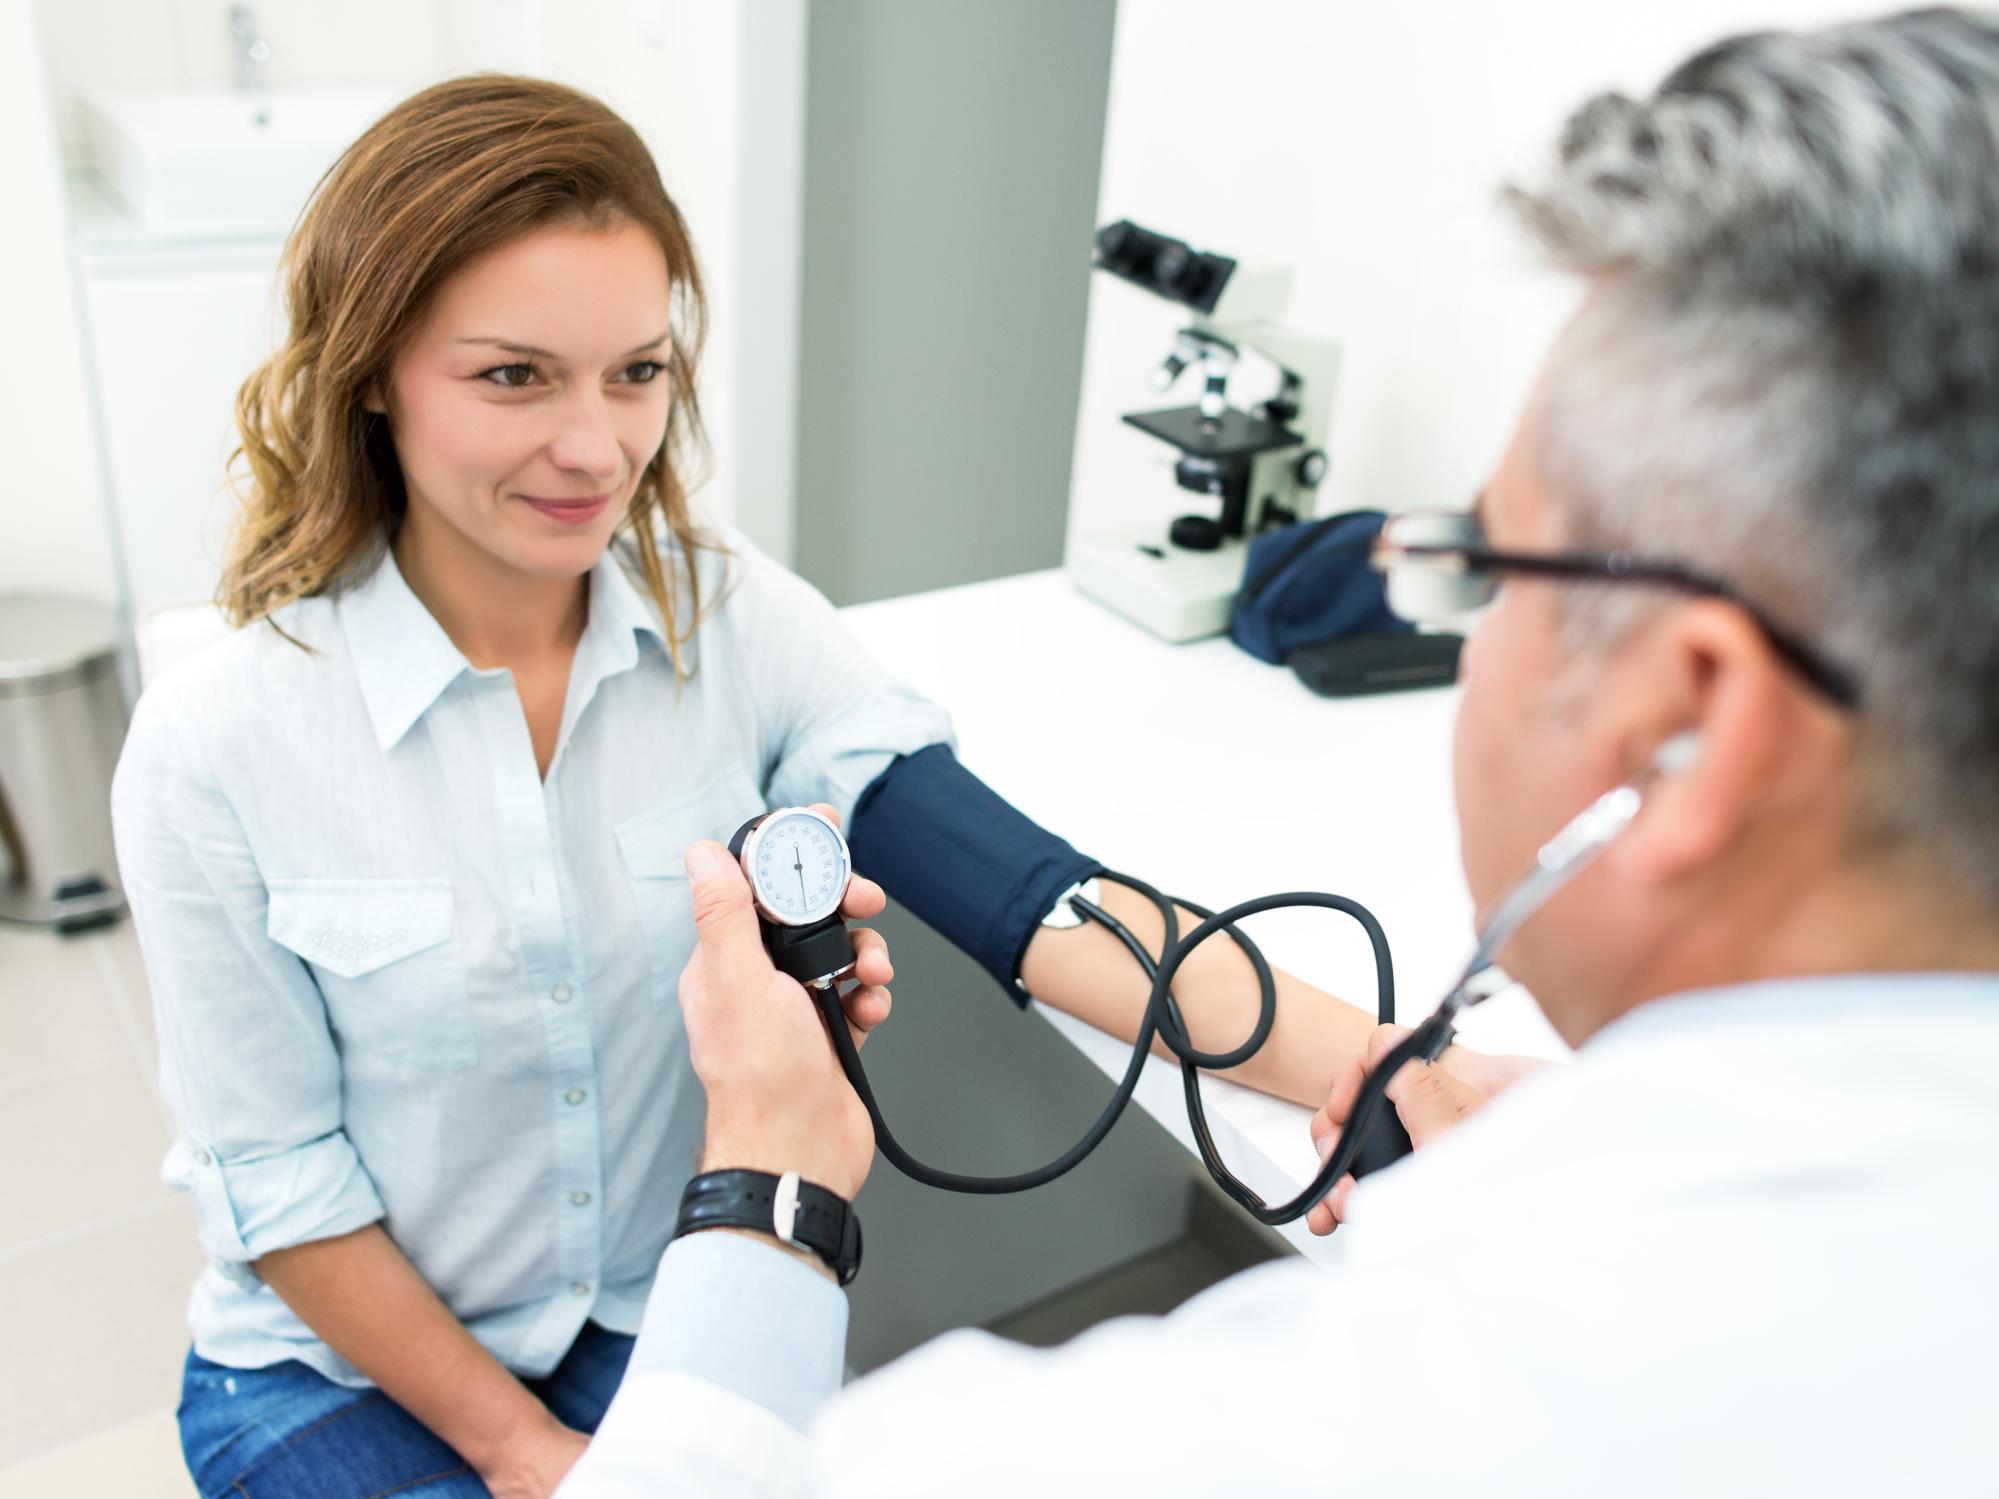 magas vérnyomás esetén lehetséges-e gőzölni ASD-2 a magas vérnyomás kezelésében